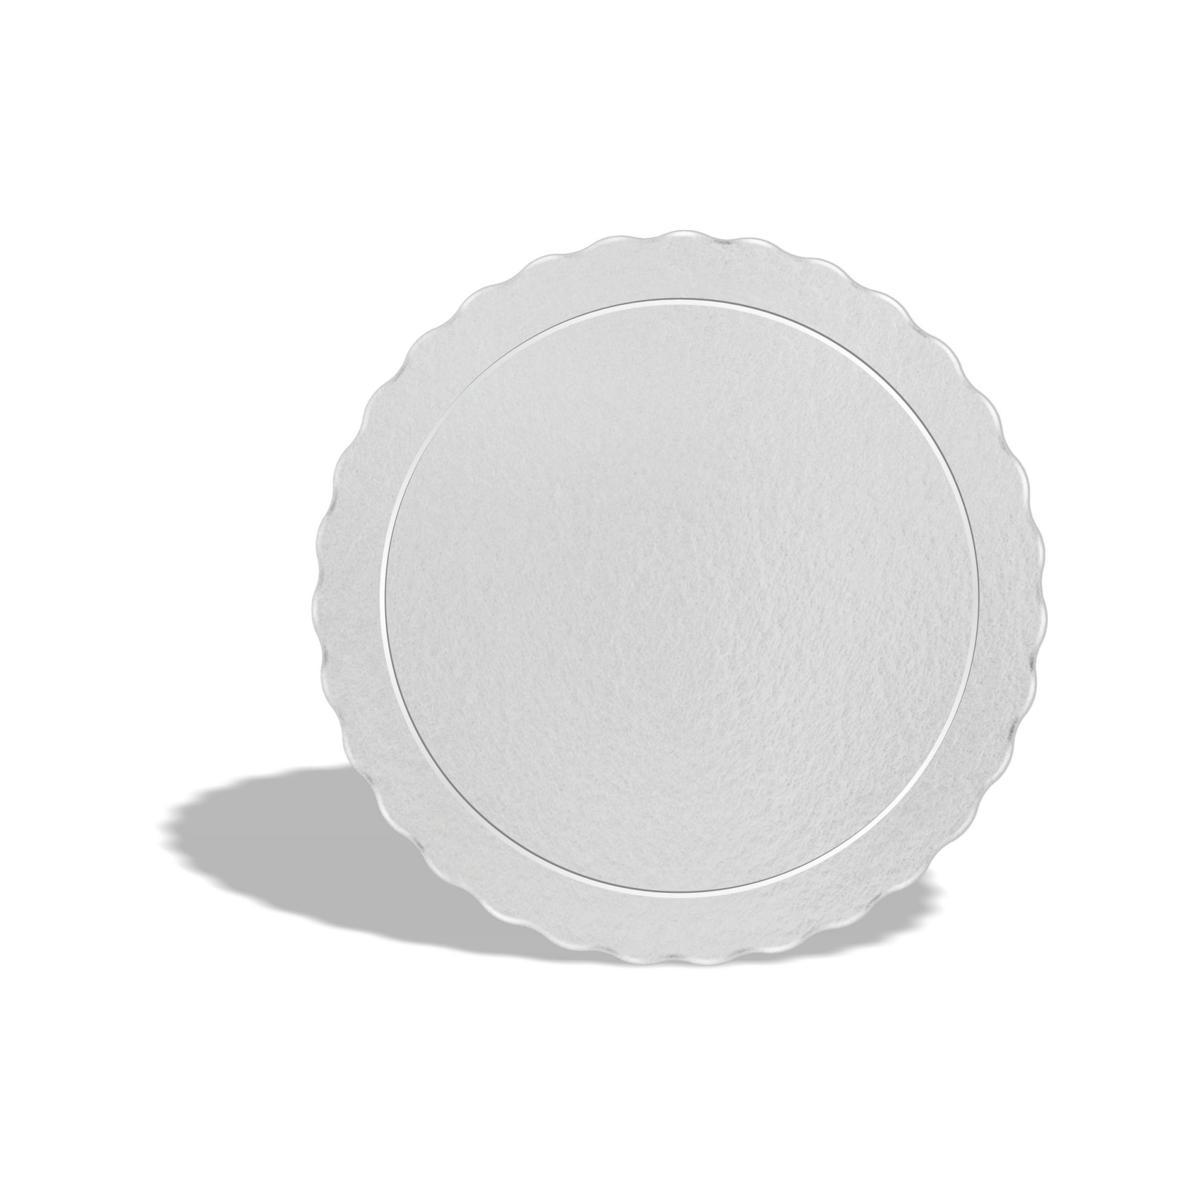 50 Bases Laminadas Para Bolo Redondo, Cake Board 30cm - Branco